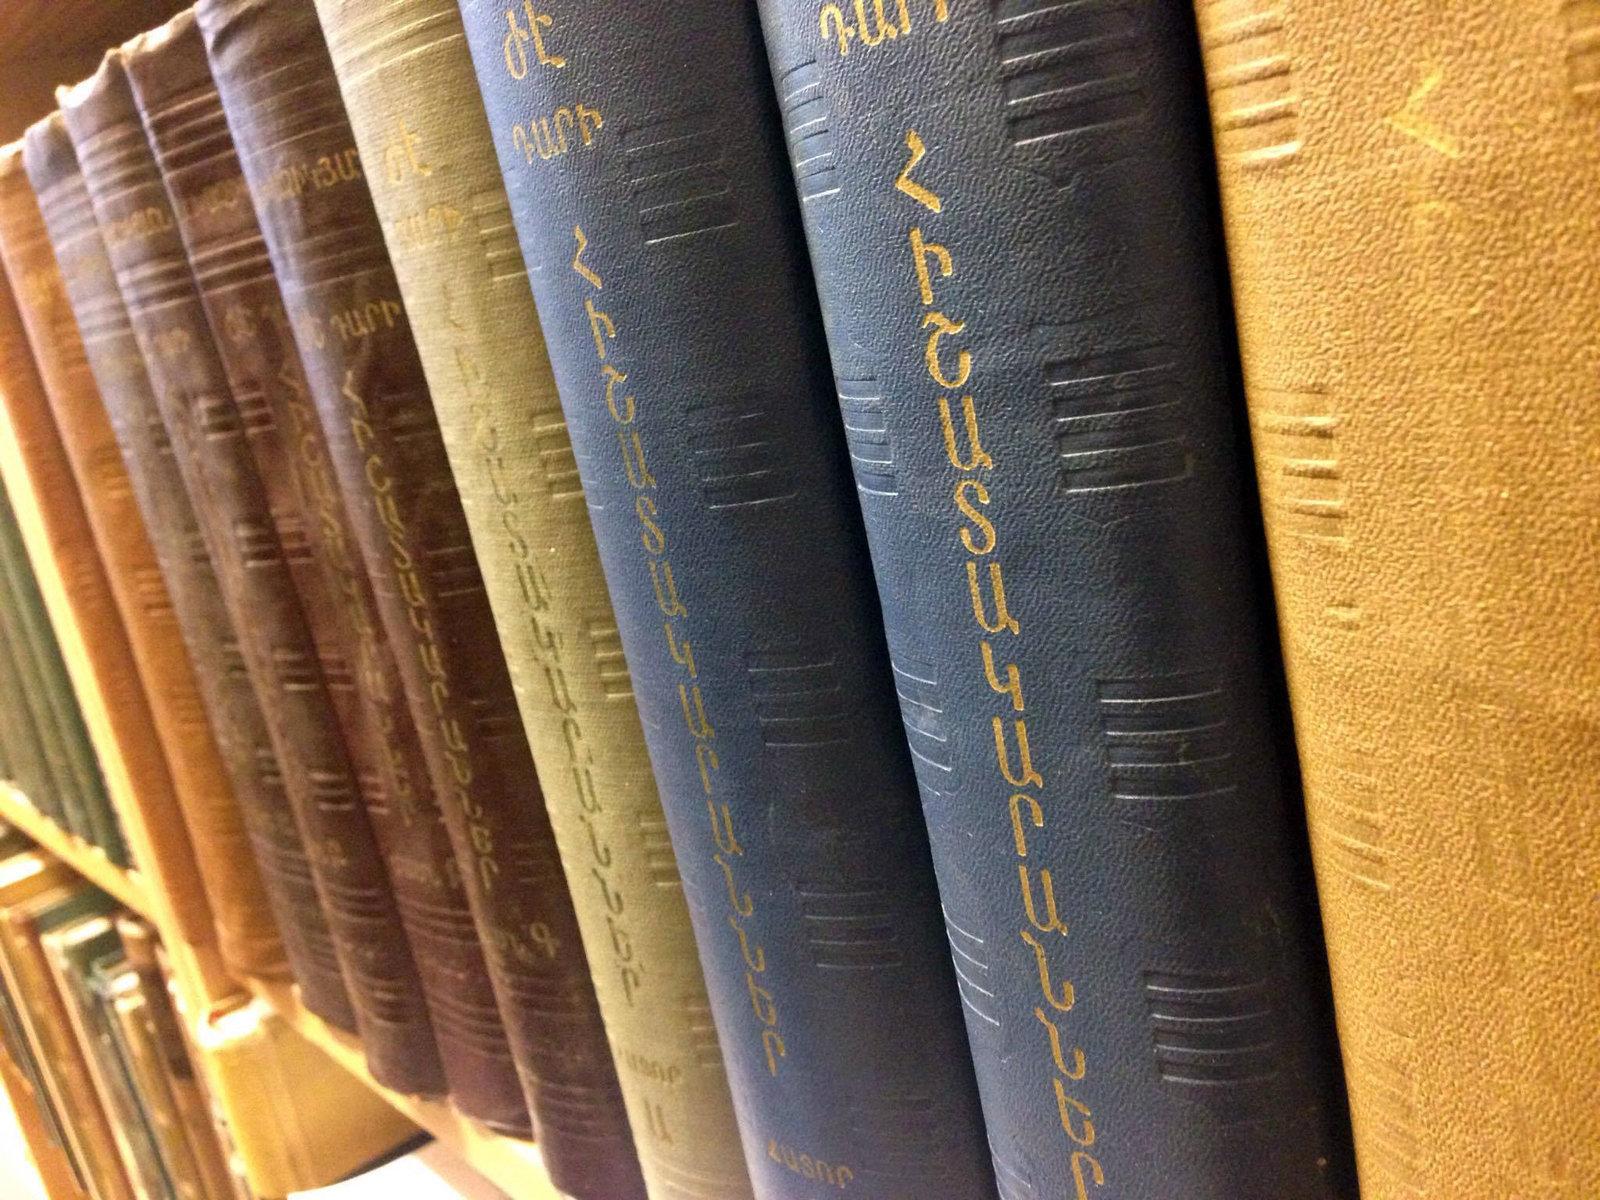 Армянские книги в библиотеке имени Эдмонда Шьюца в Будапеште